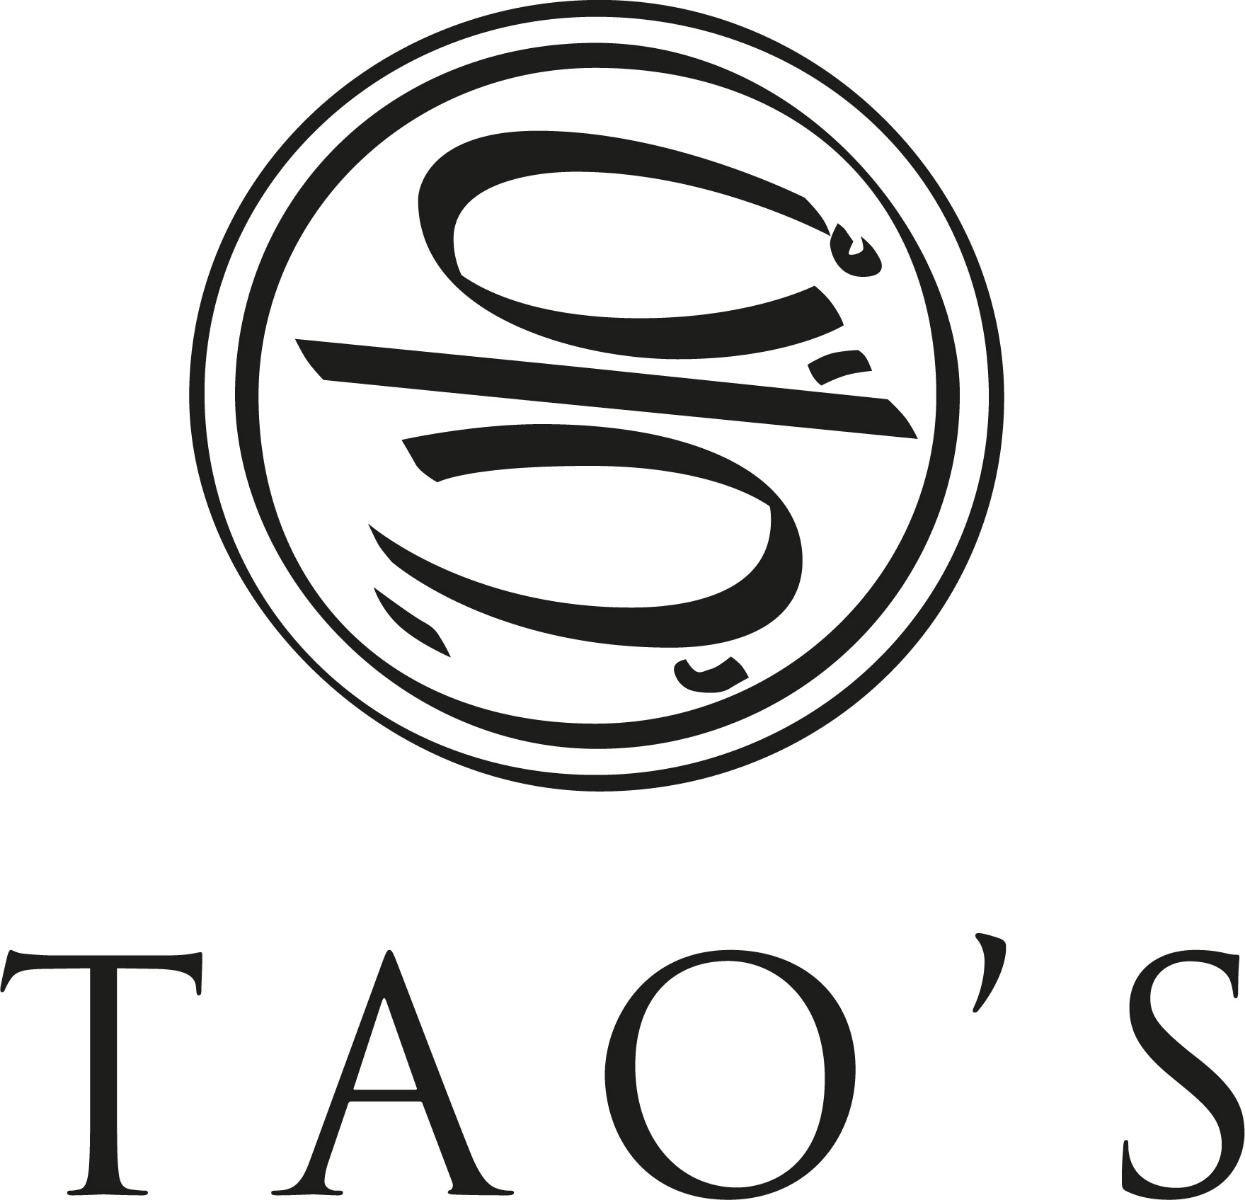 Tao's